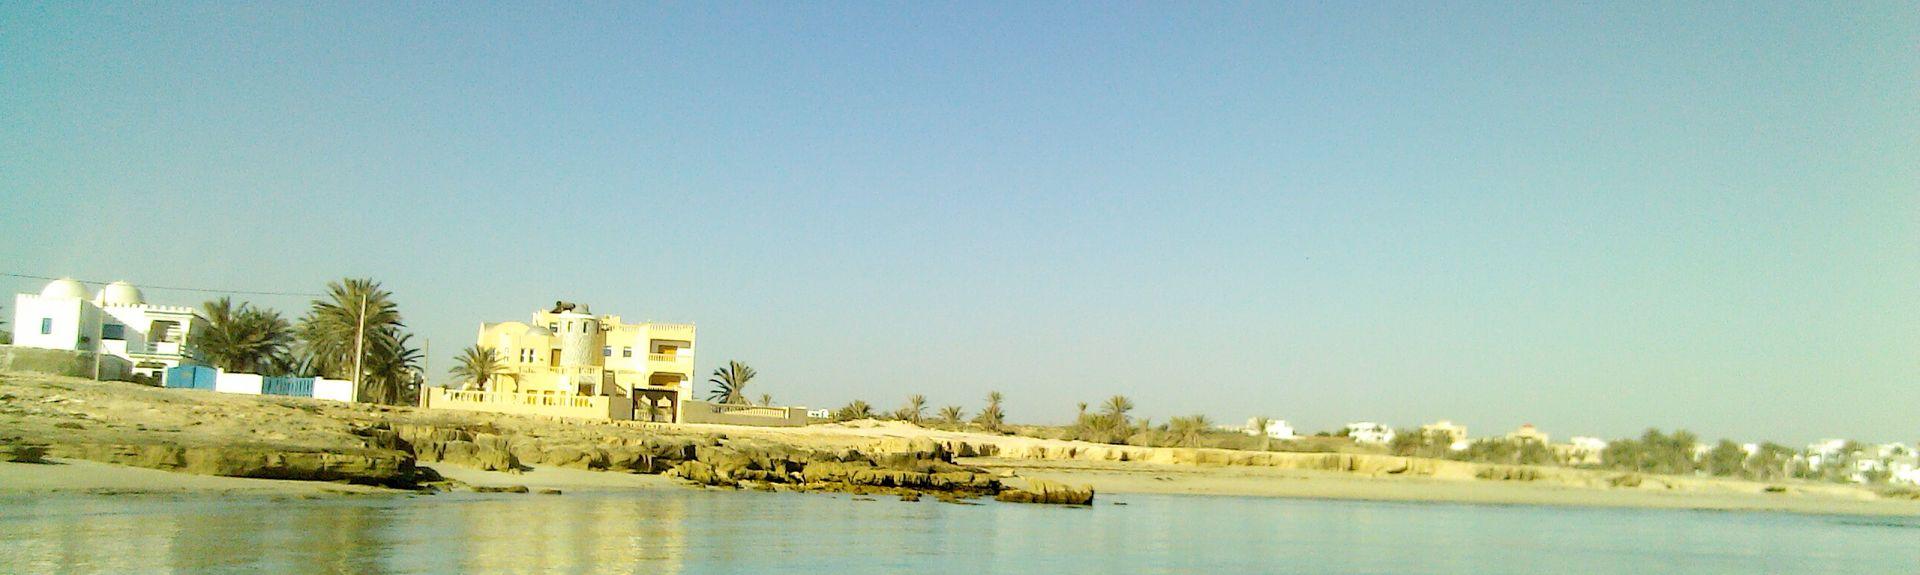 Zarzis, Tunisia